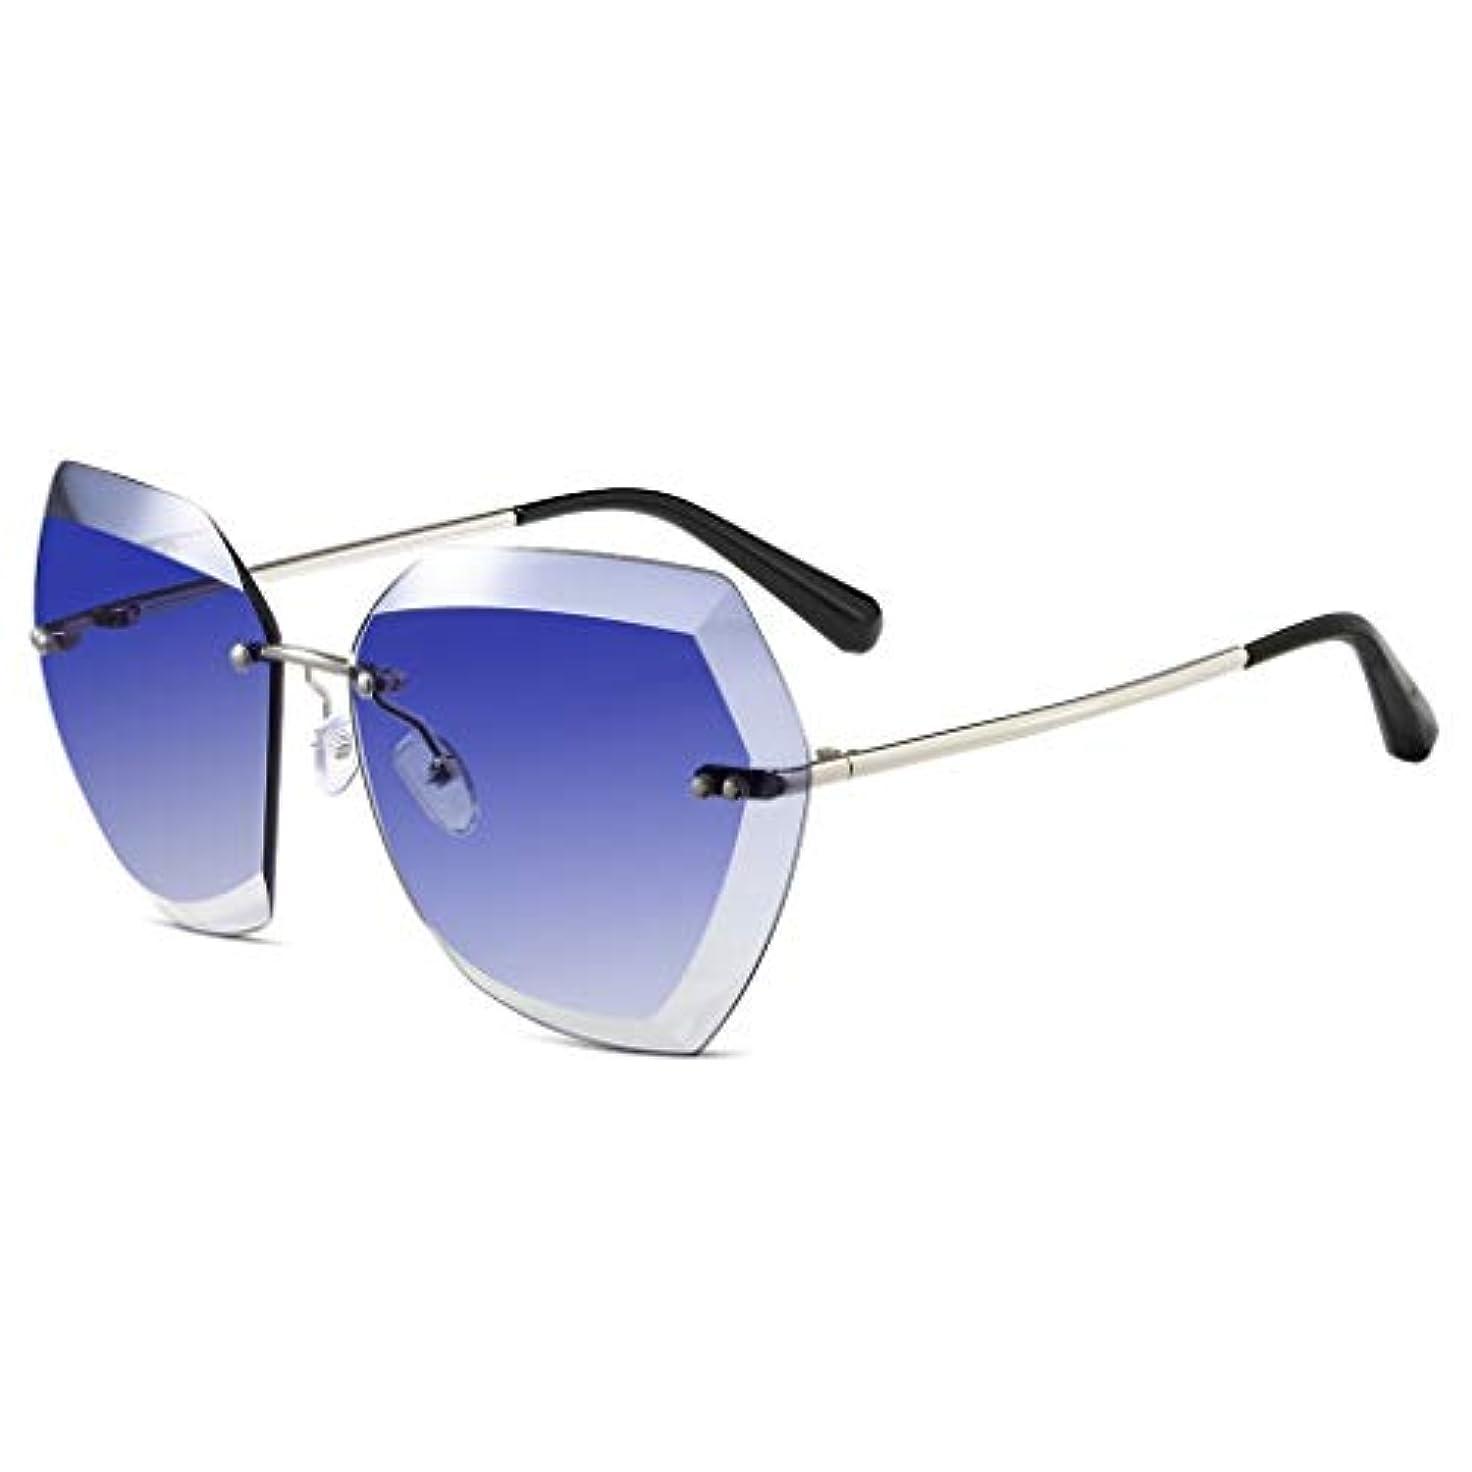 くつろぎクローゼット除外する男女兼用の分極されたアルミニウムサングラス、人/女性のための型の太陽ガラス